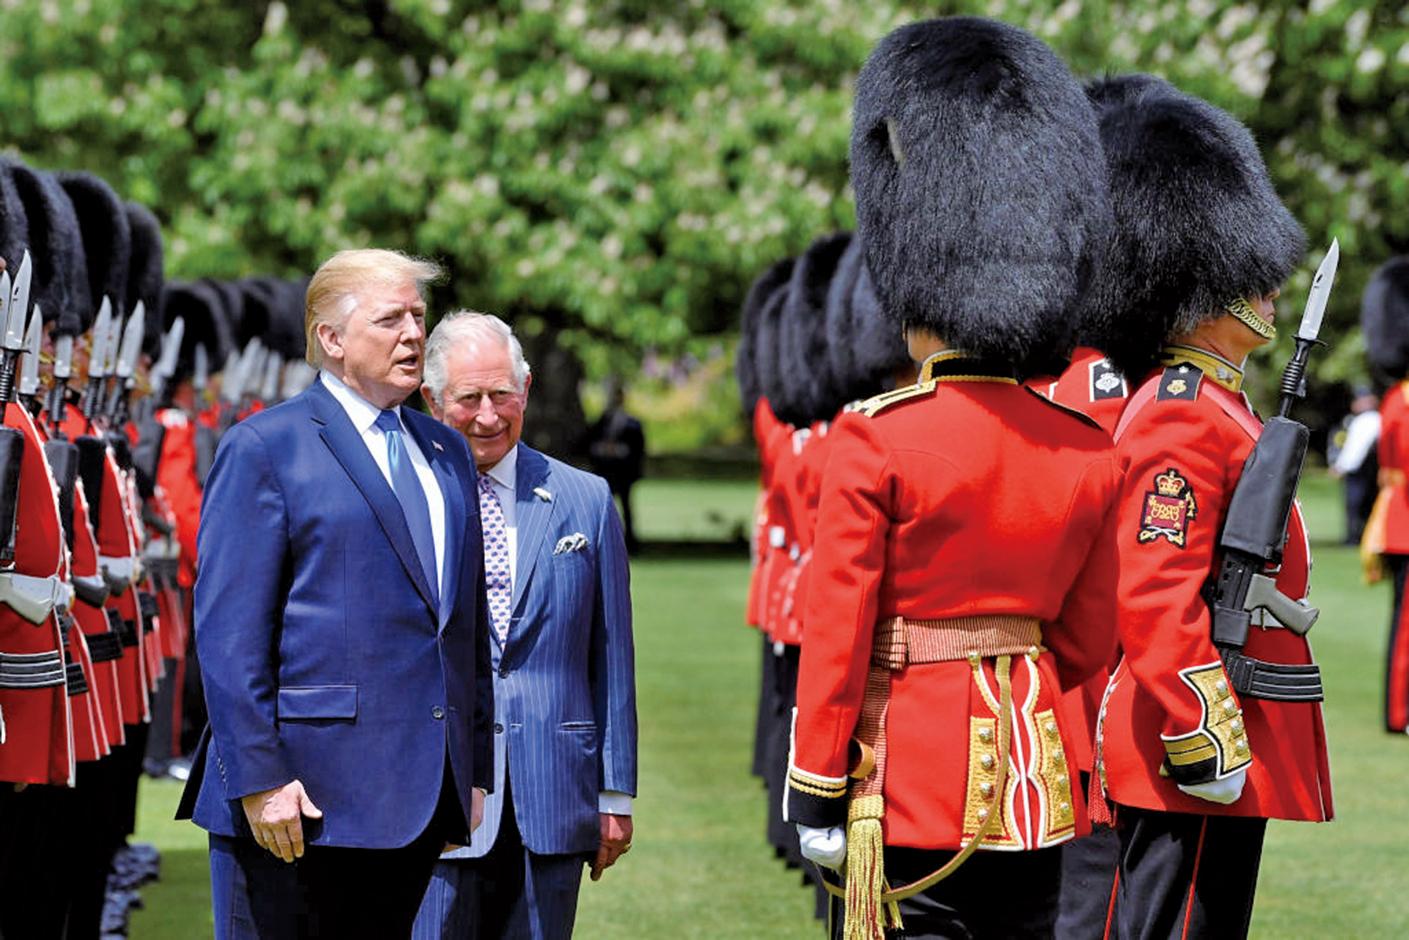 6月3日,美國總統特朗普夫婦訪問英國,受到王室的隆重歡迎。(Getty Images)